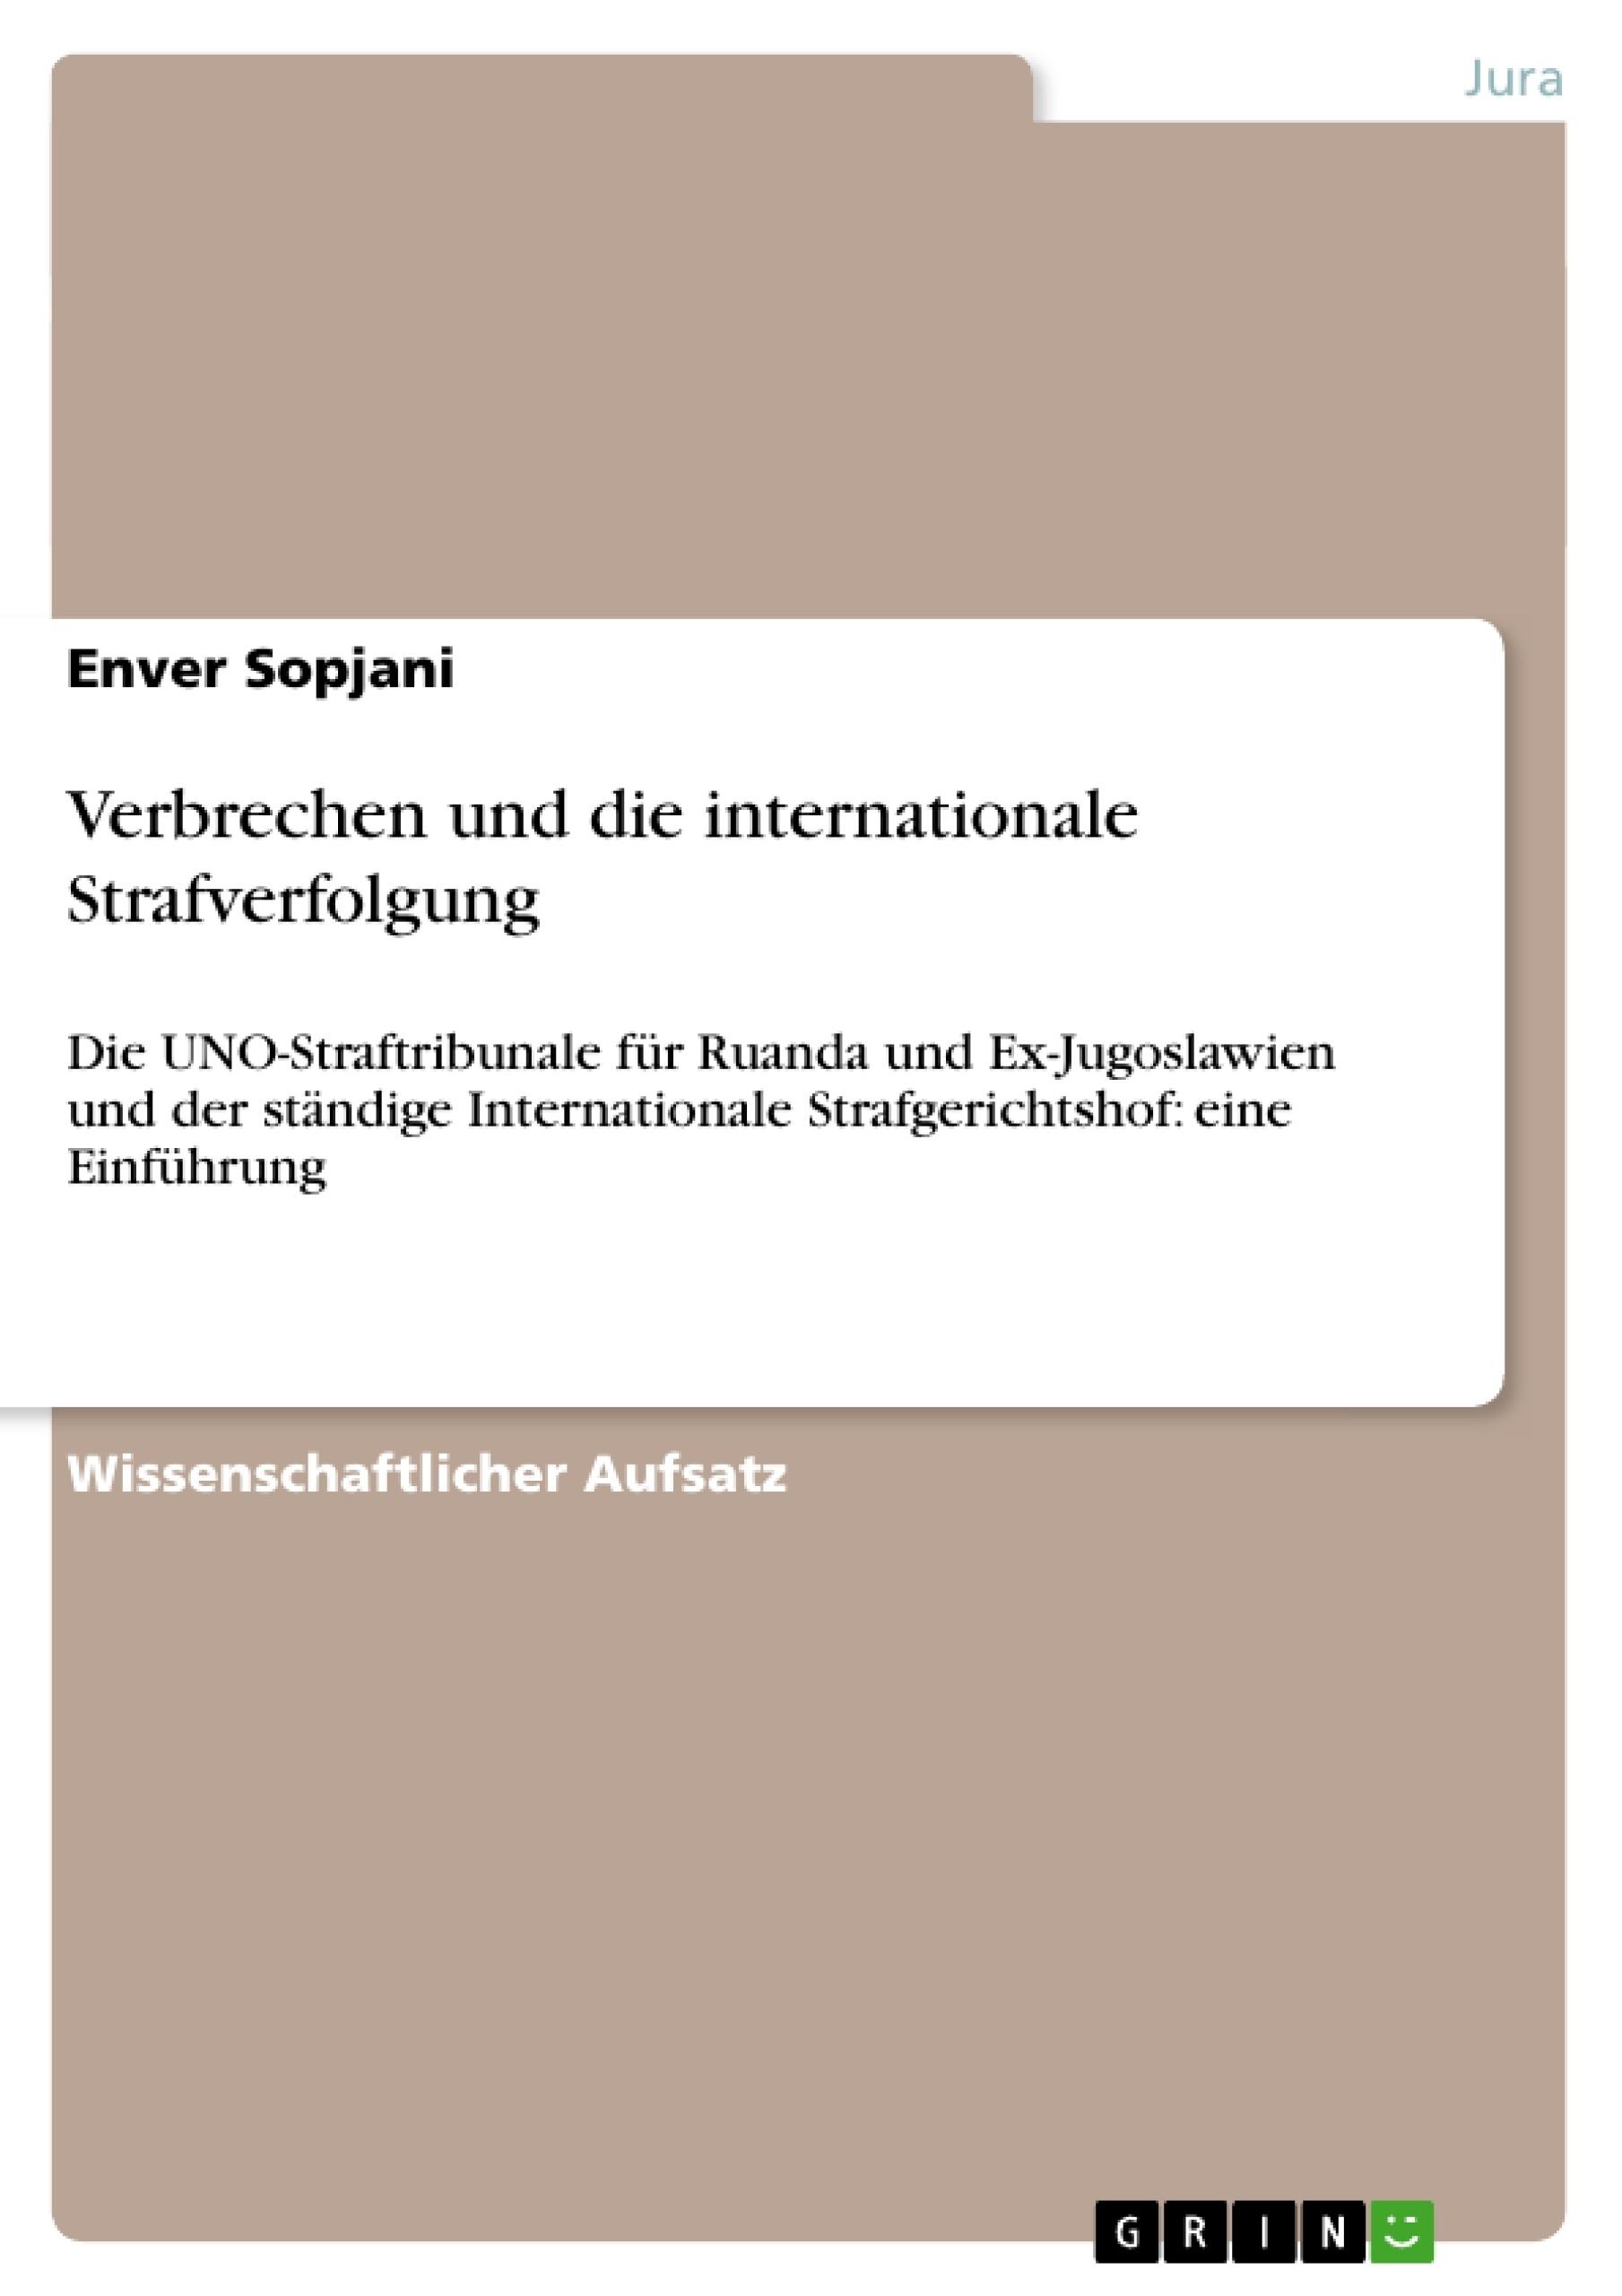 Titel: Verbrechen und die internationale Strafverfolgung